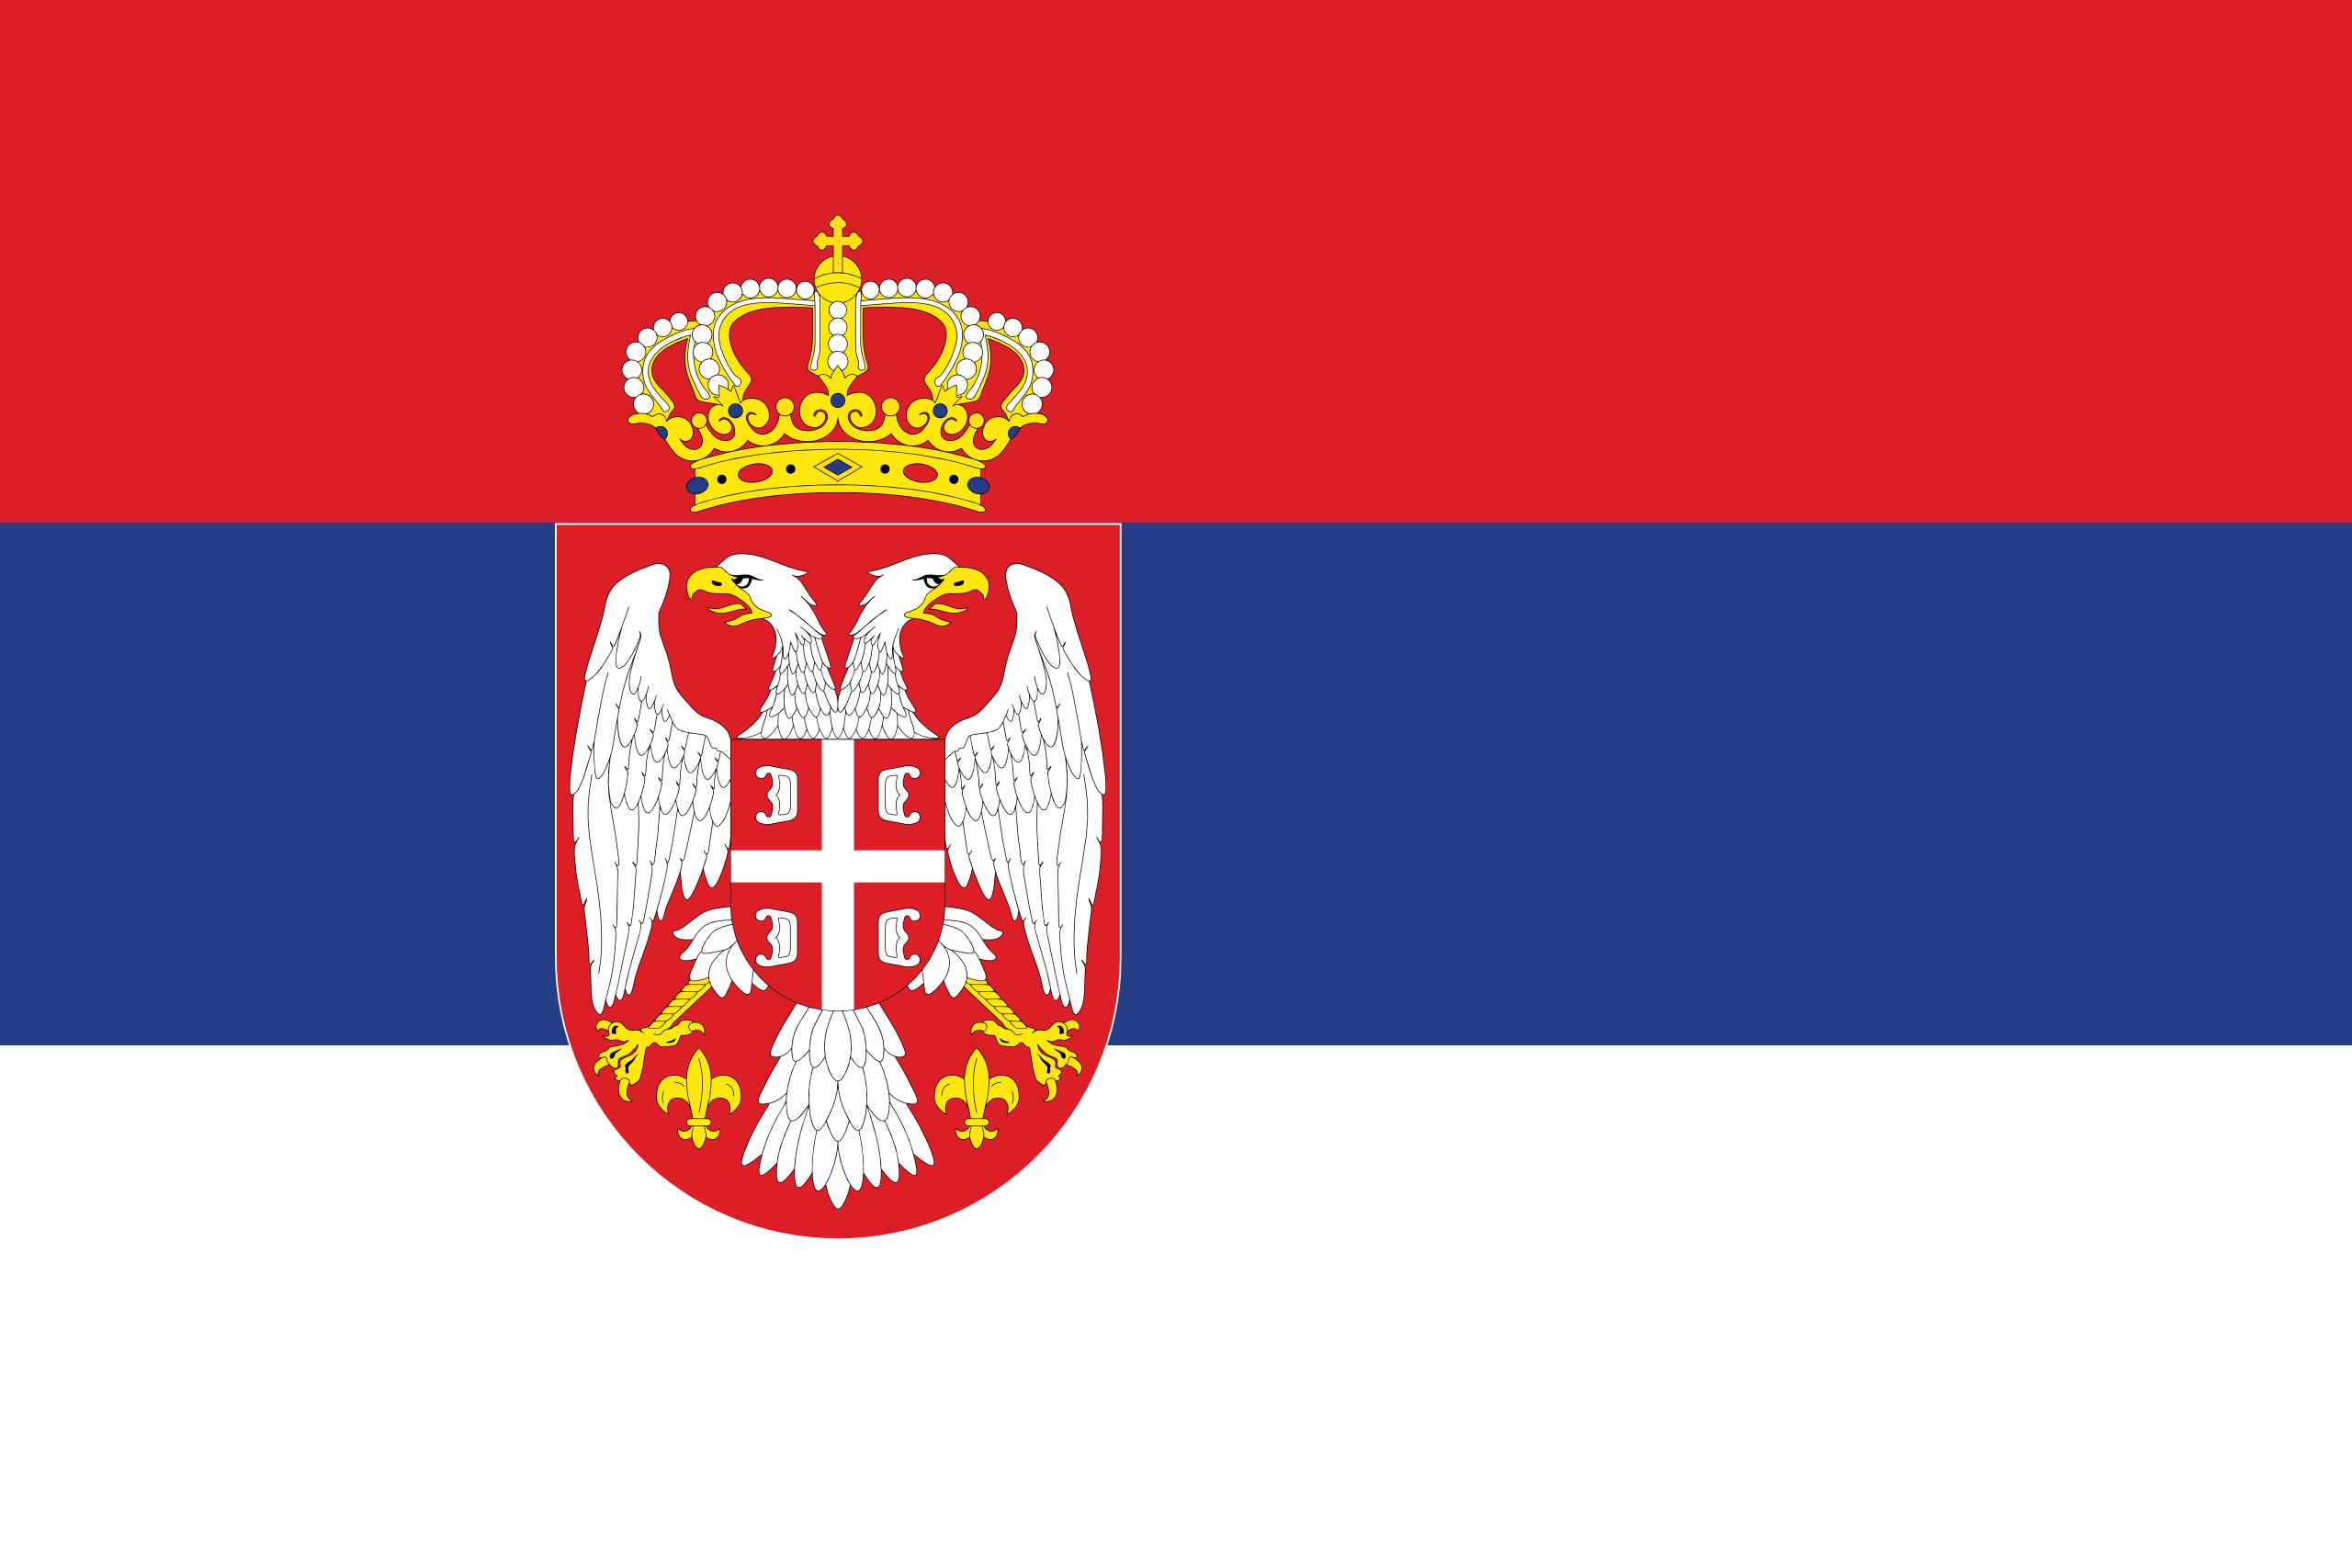 Sérvia e Montenegro, país, Brasão de armas, logotipo, símbolo - Papéis de parede HD - Professor-falken.com